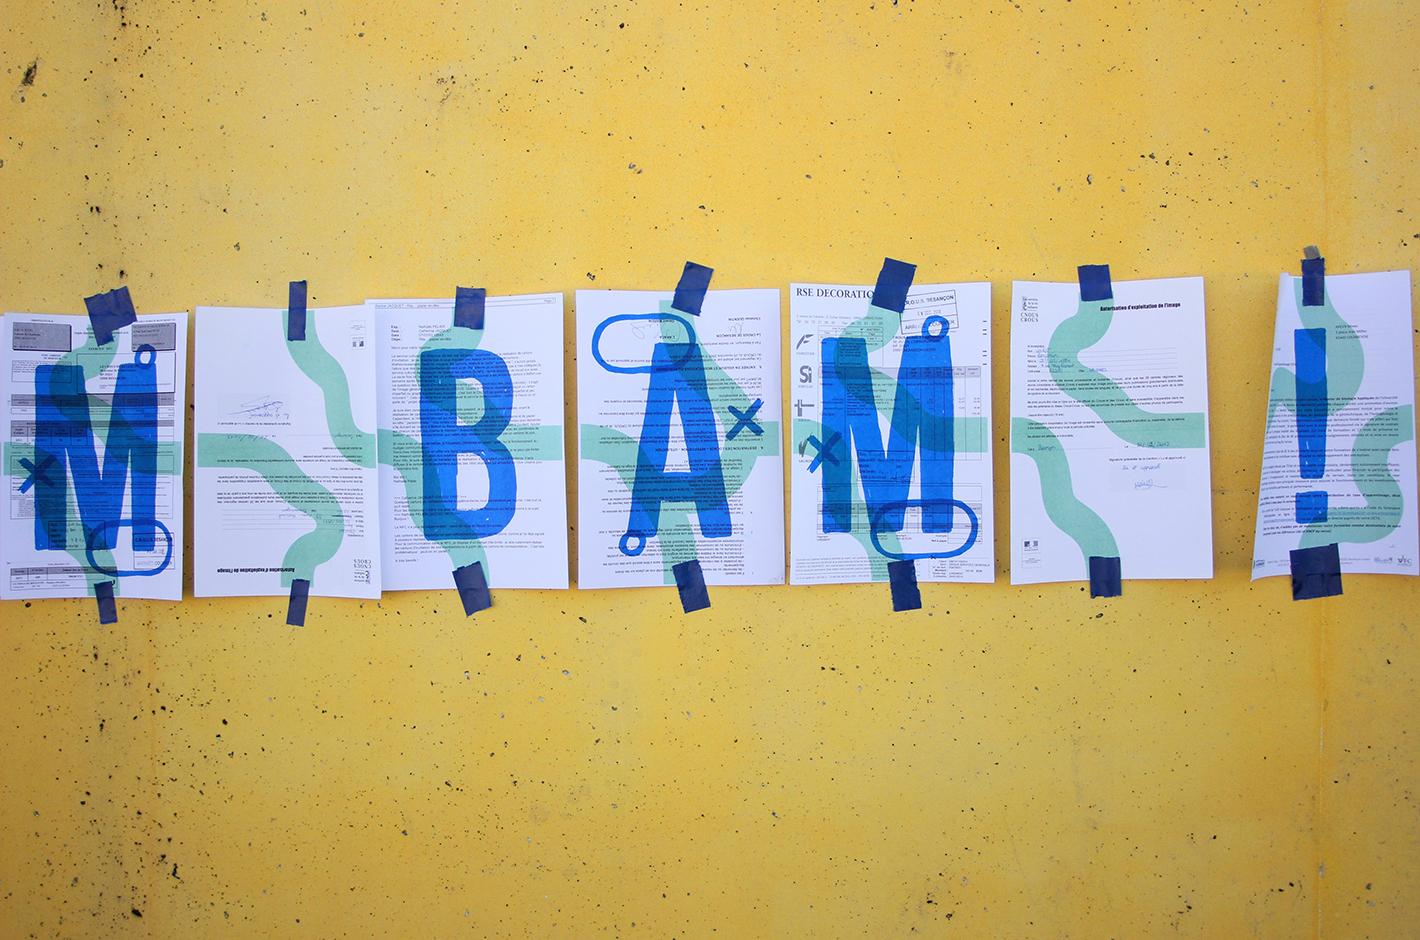 BAM ! La Bouloie en Agitation Maximum - Besançon - Campus de la Bouloie - affiche 1 flux et fréquentations